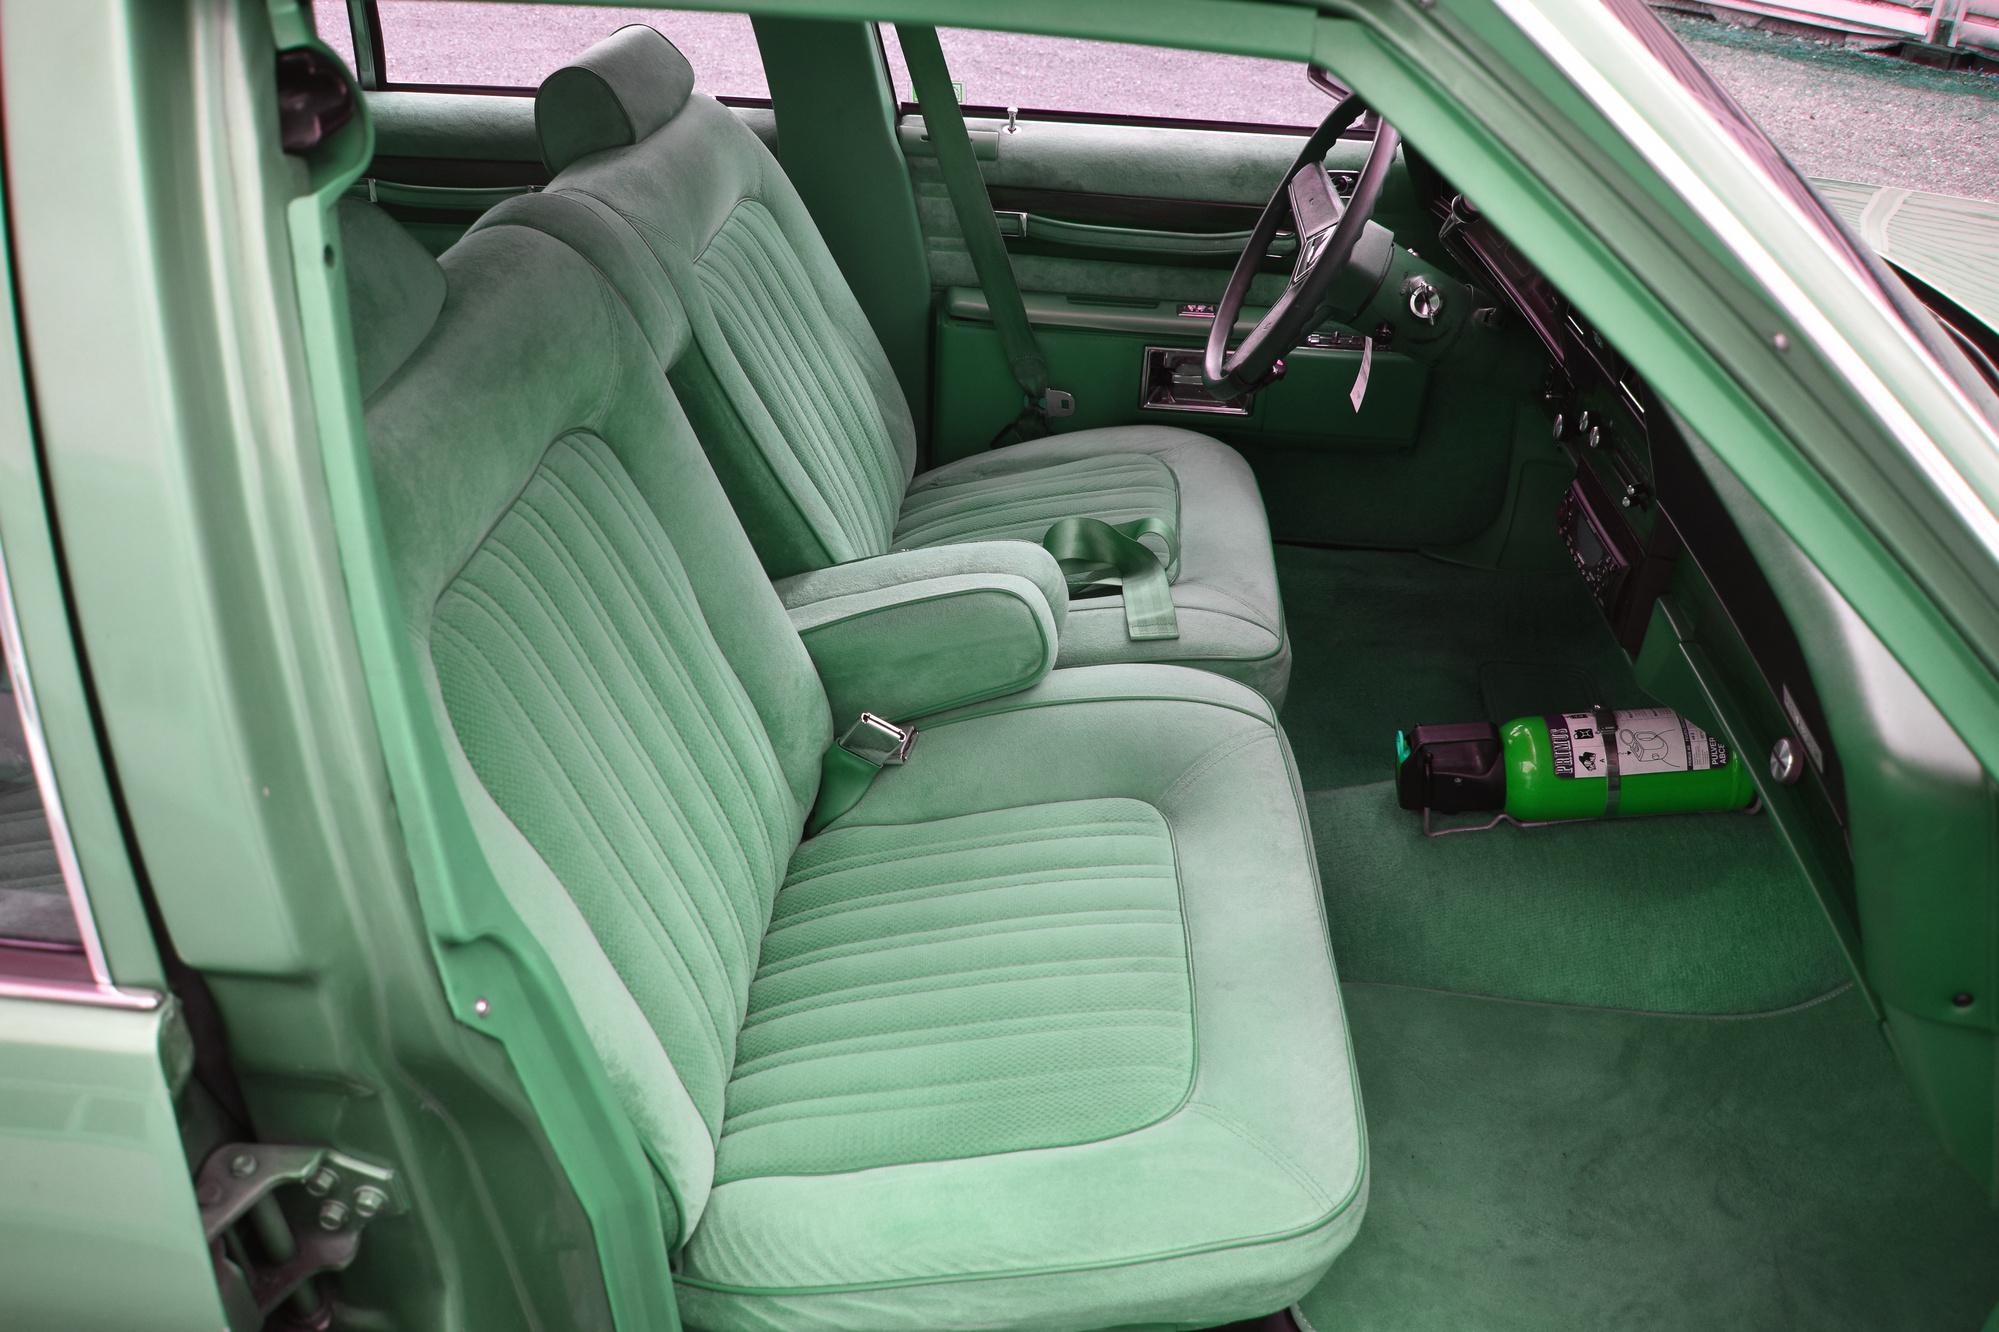 Erste Sitzreihe eines 1990 Chevrolet Caprice Classic Station Wagon